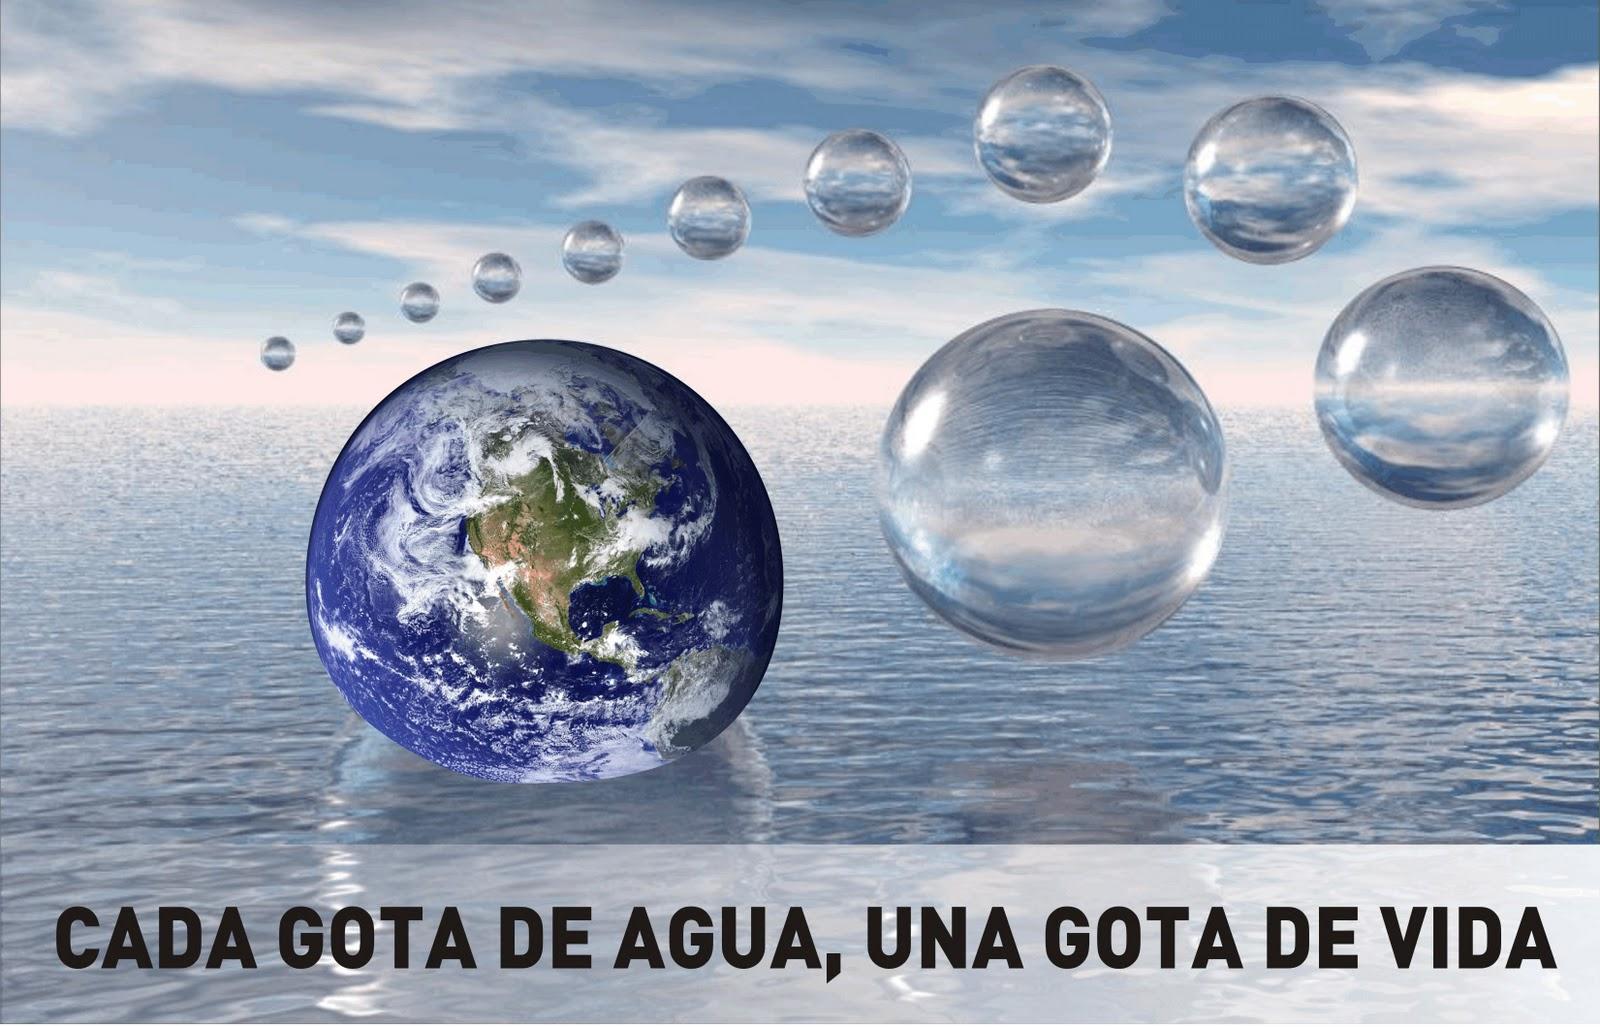 El cuidado del agua :: Producción :: EsMas.com